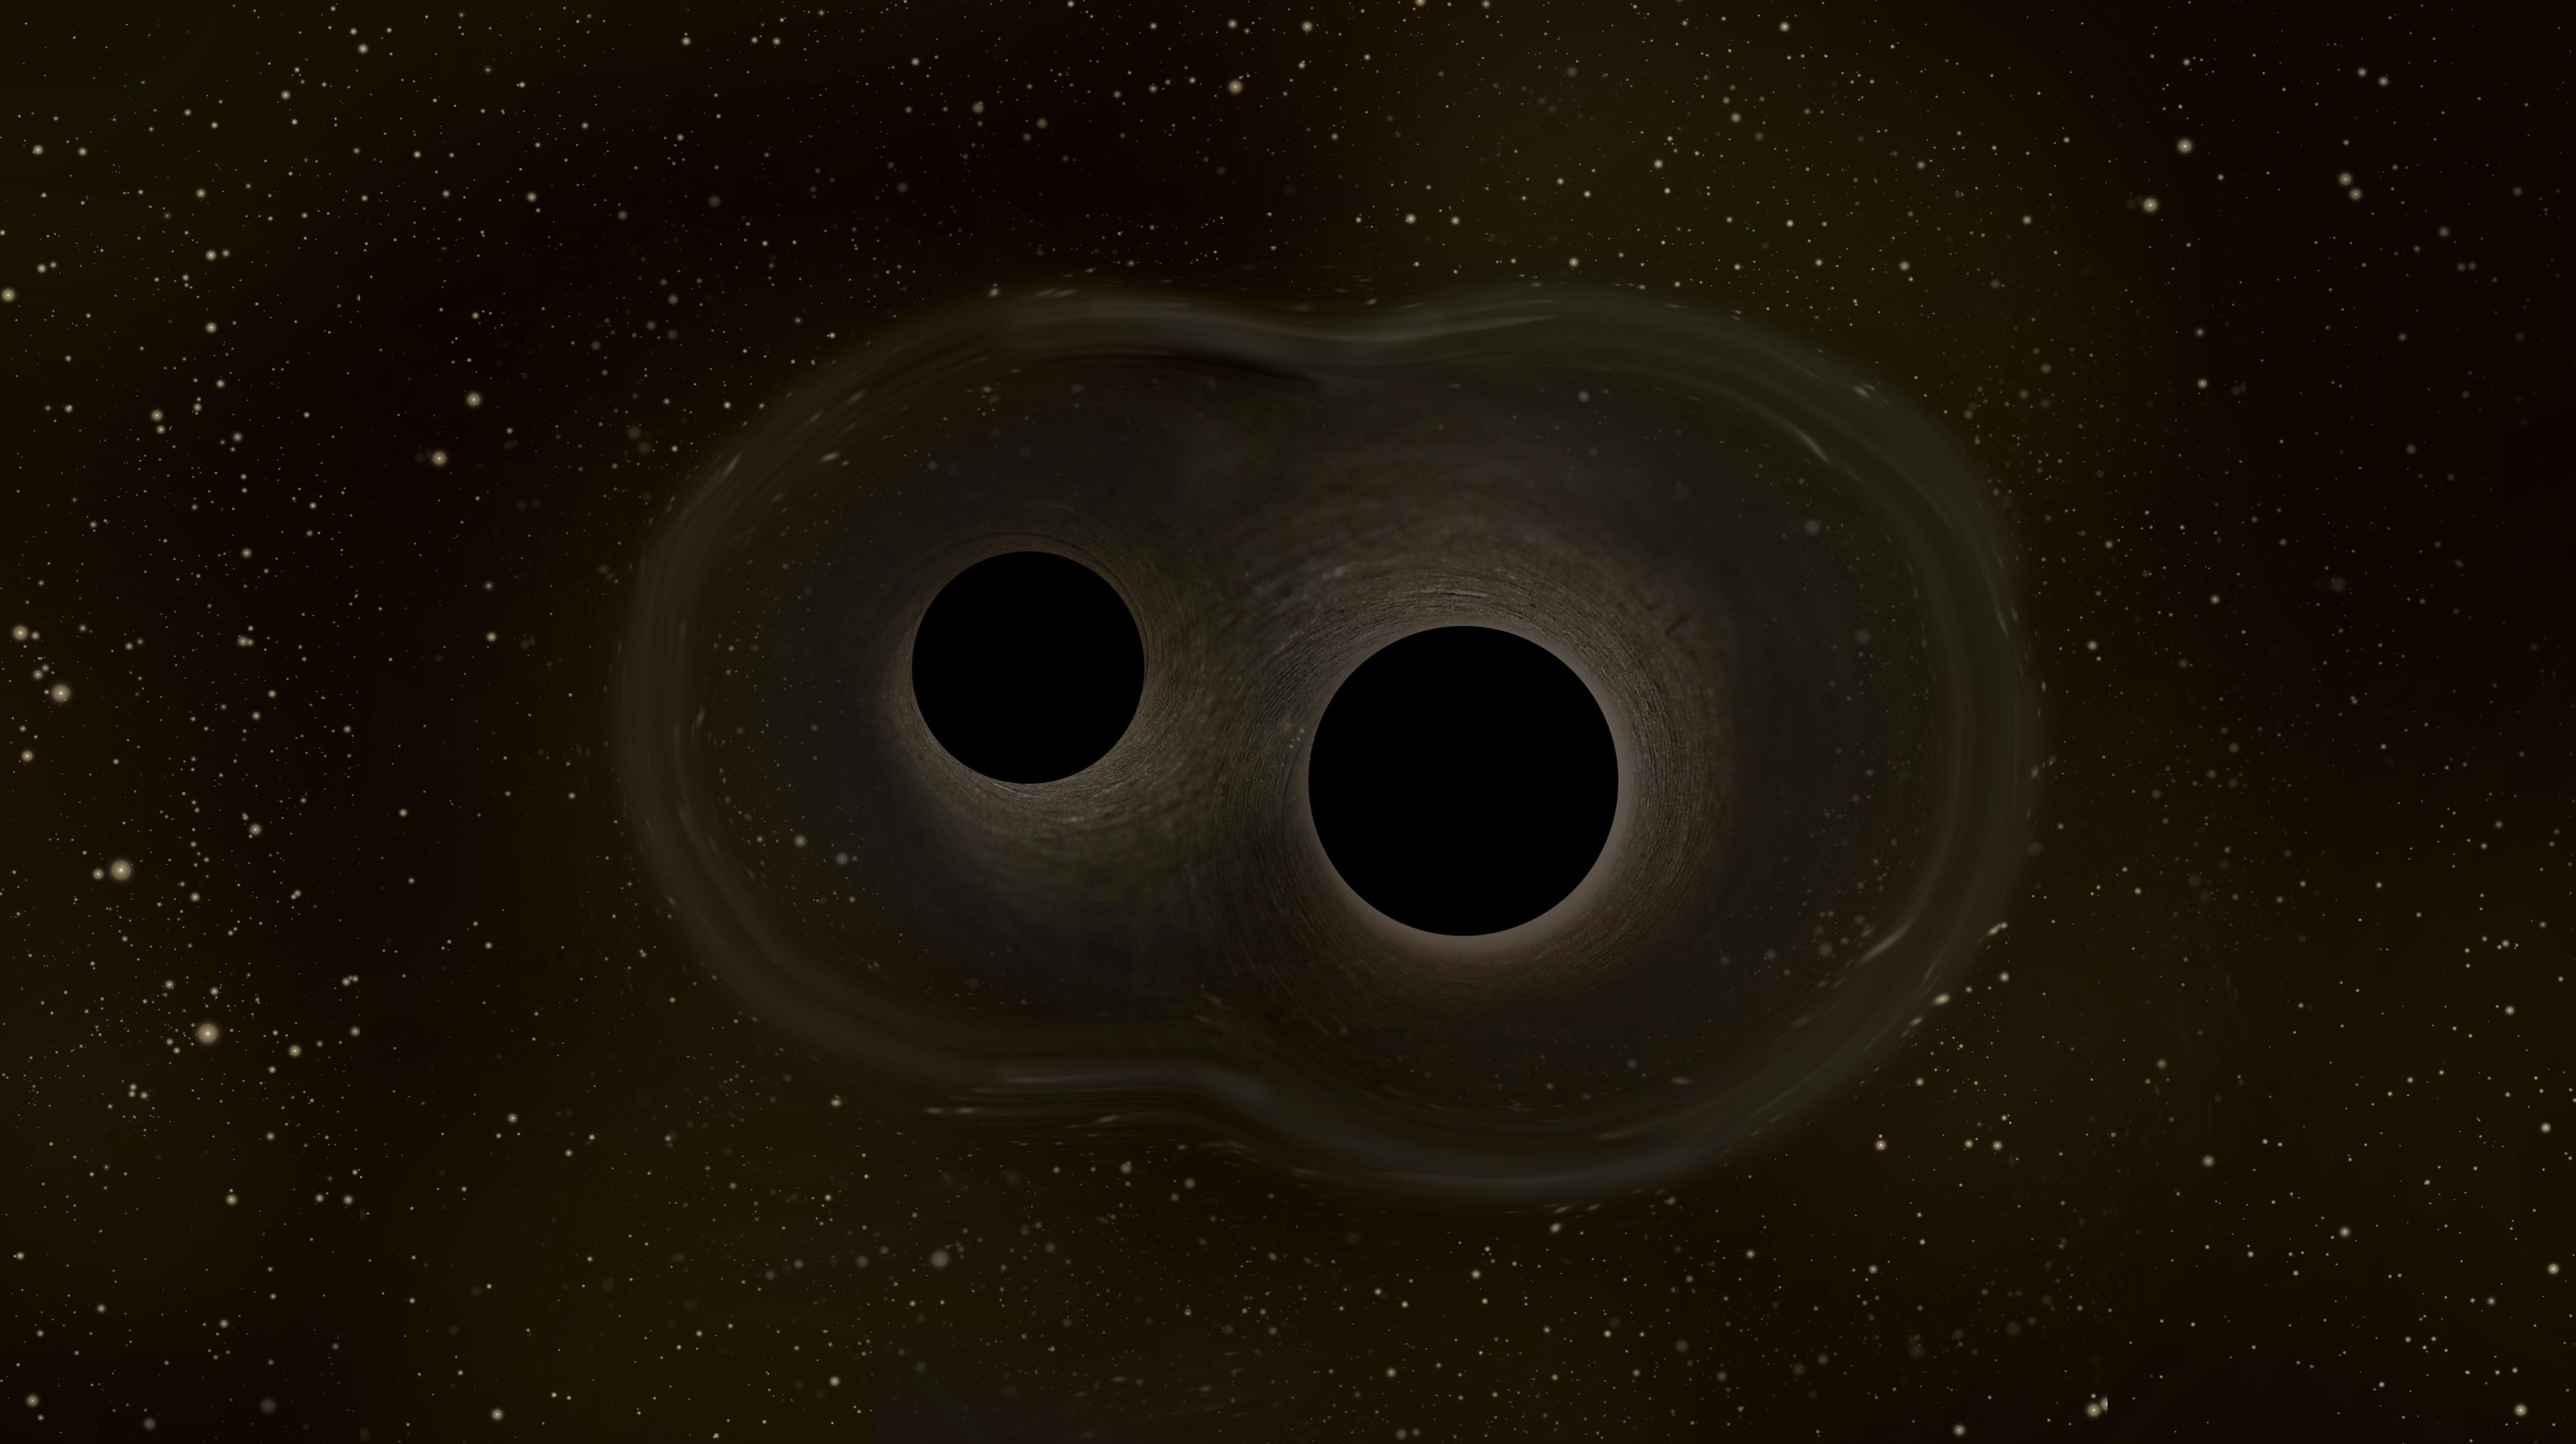 1567214289621-Two_merging_black_holes.jpg